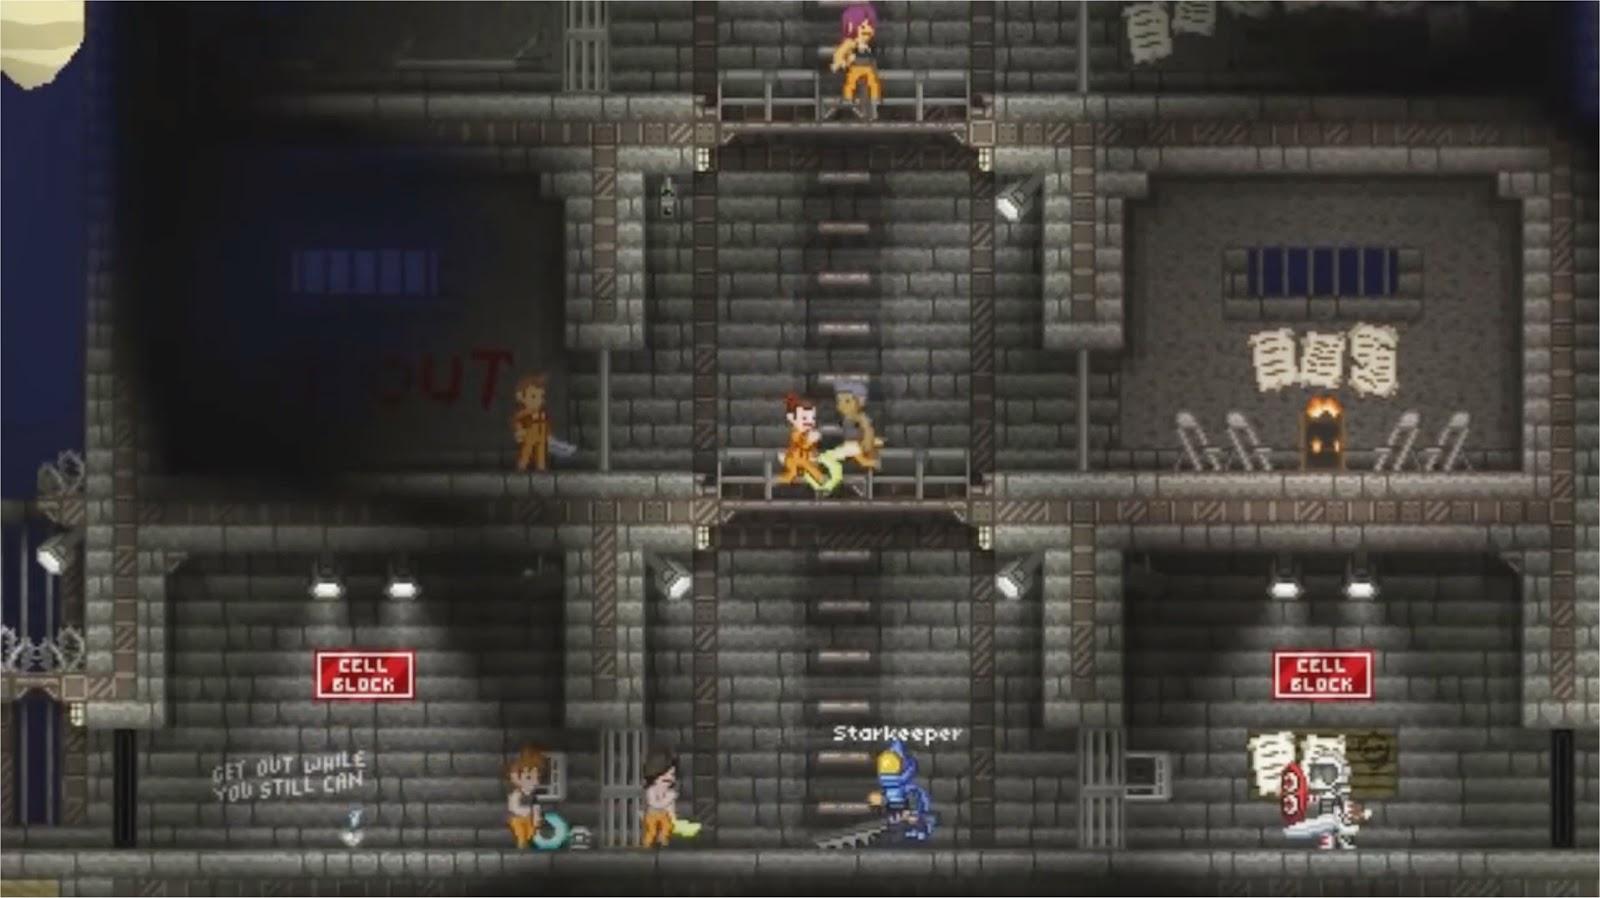 Starbound Prison